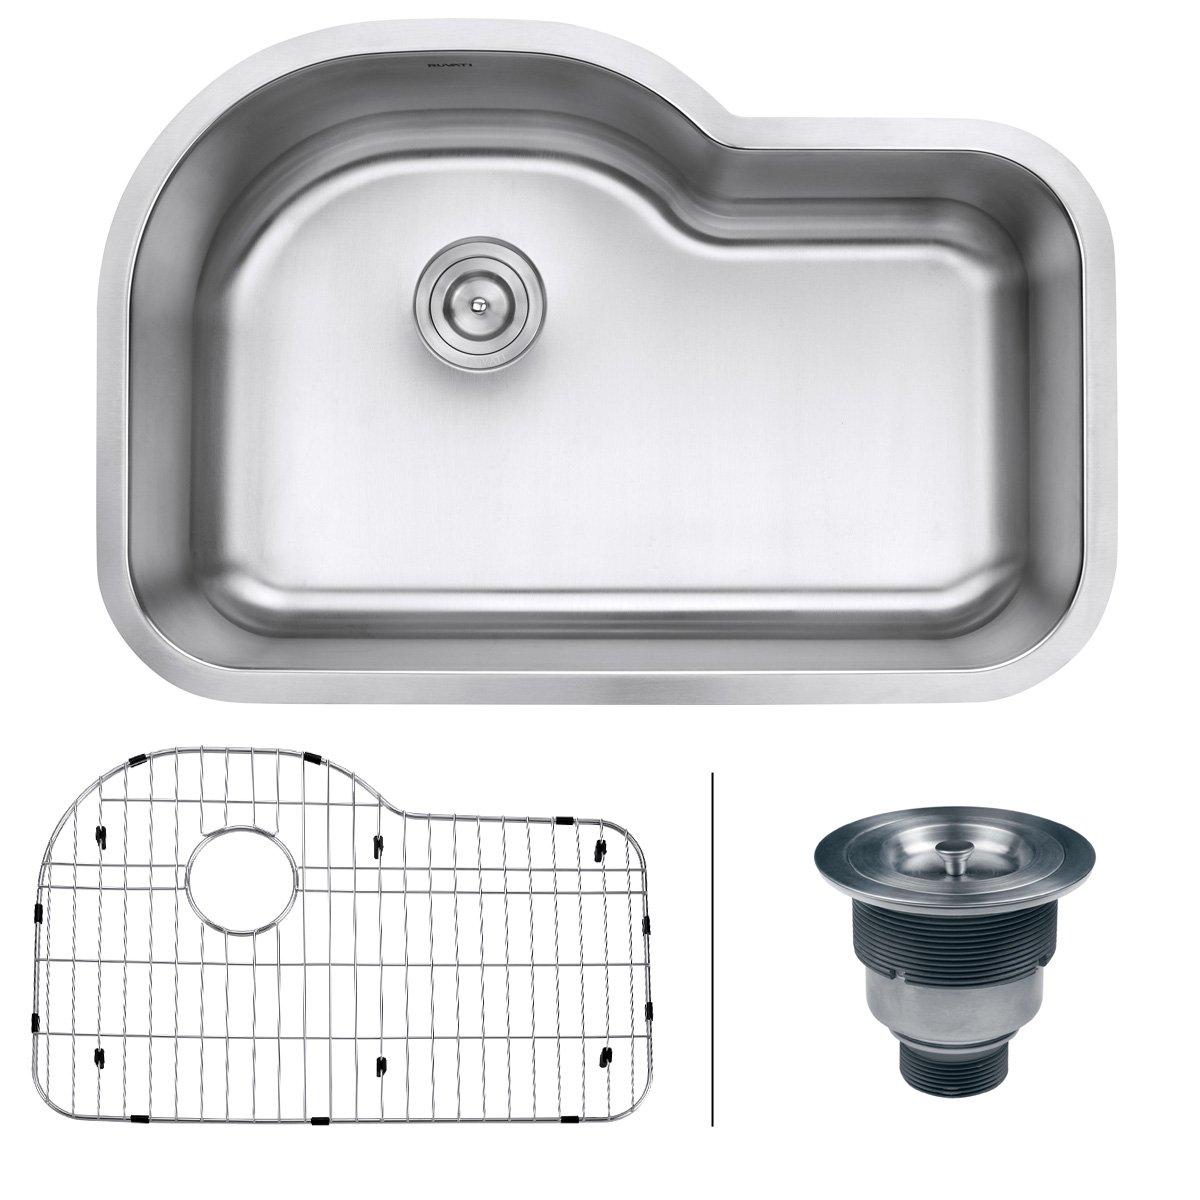 Ruvati RVM4700 Undermount 16 Gauge 32'' Kitchen Sink Single Bowl